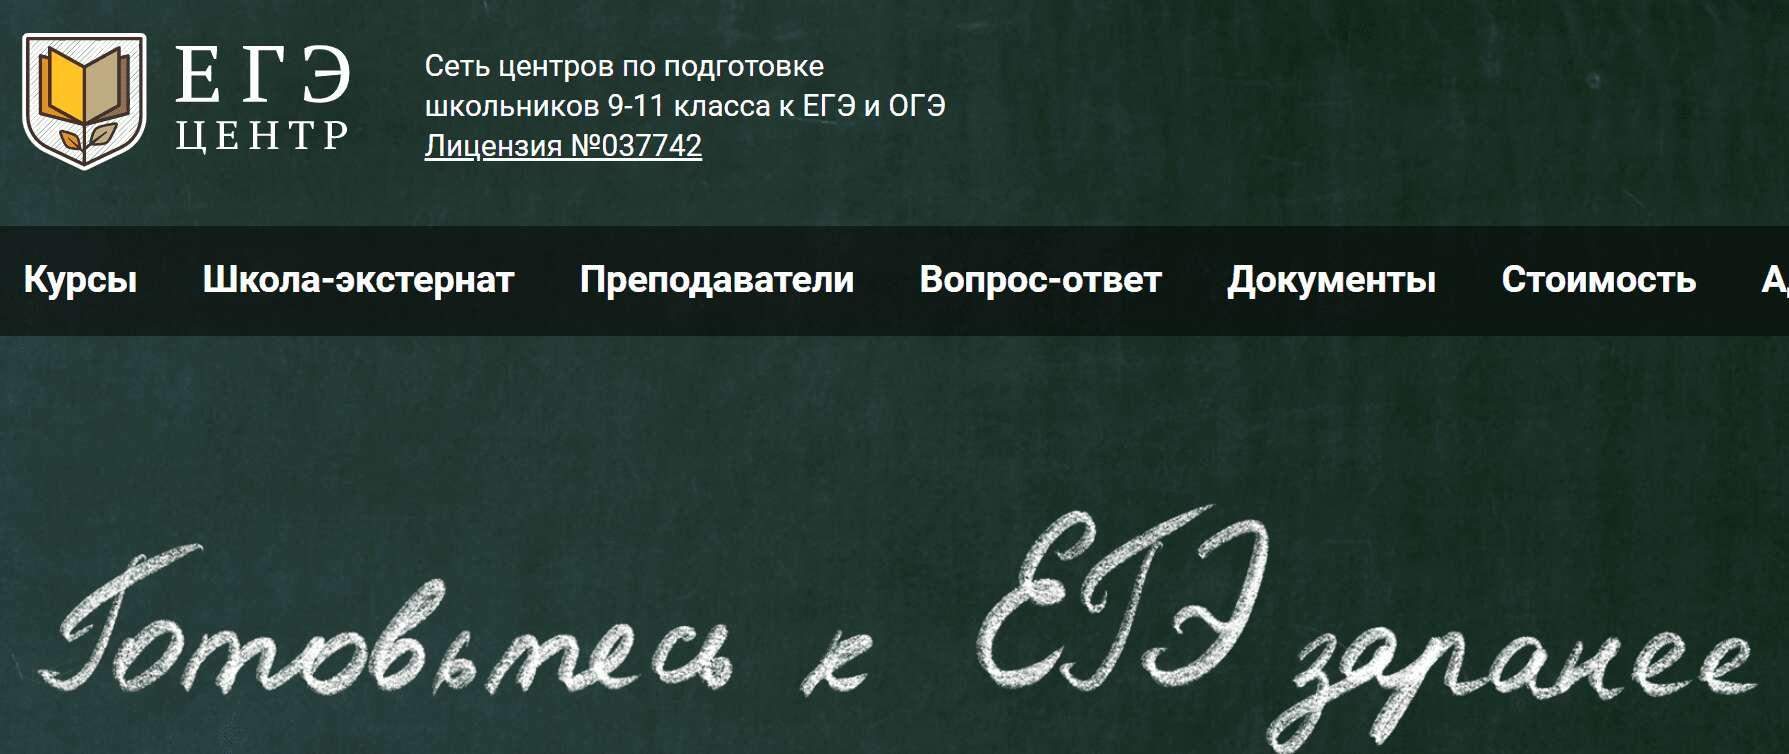 Ссылка на официальный сайт «ЕГЭ Центр»